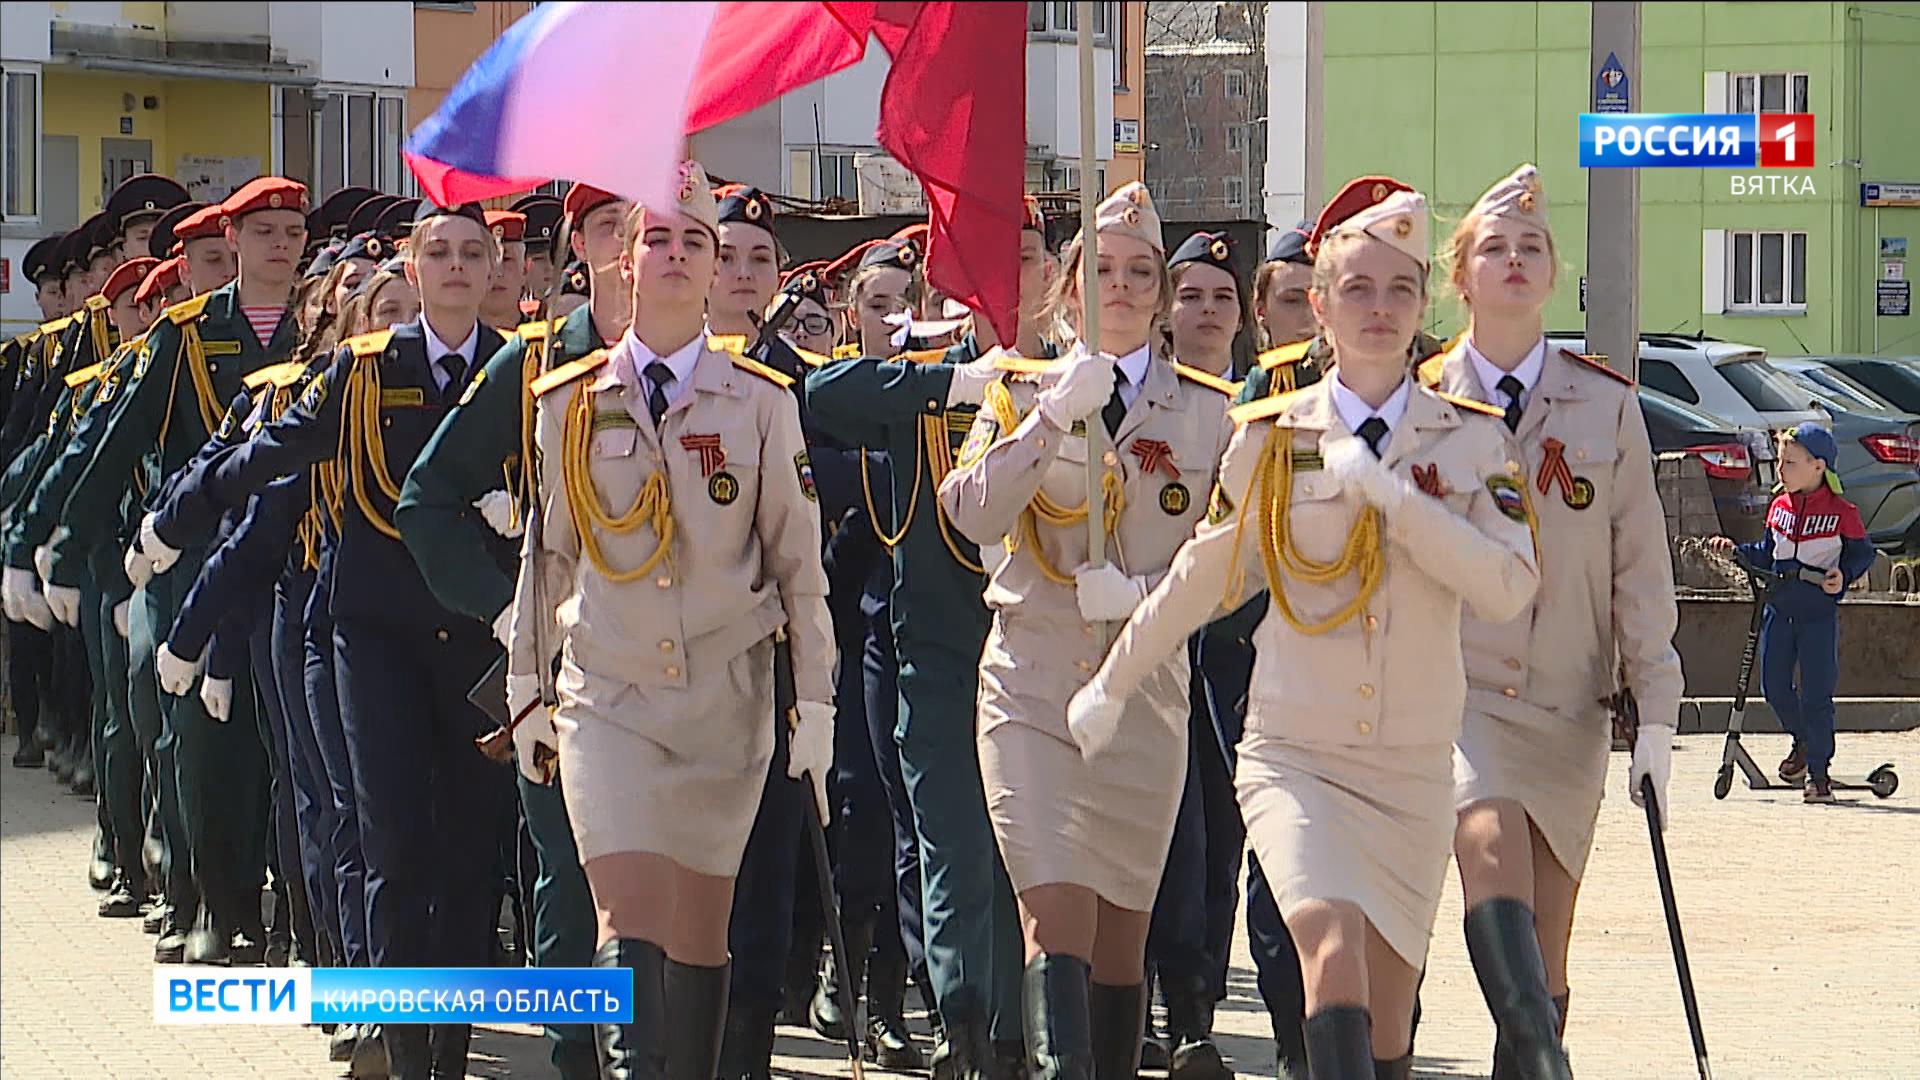 В Кирове для ветеранов провели парад и посадили цветы